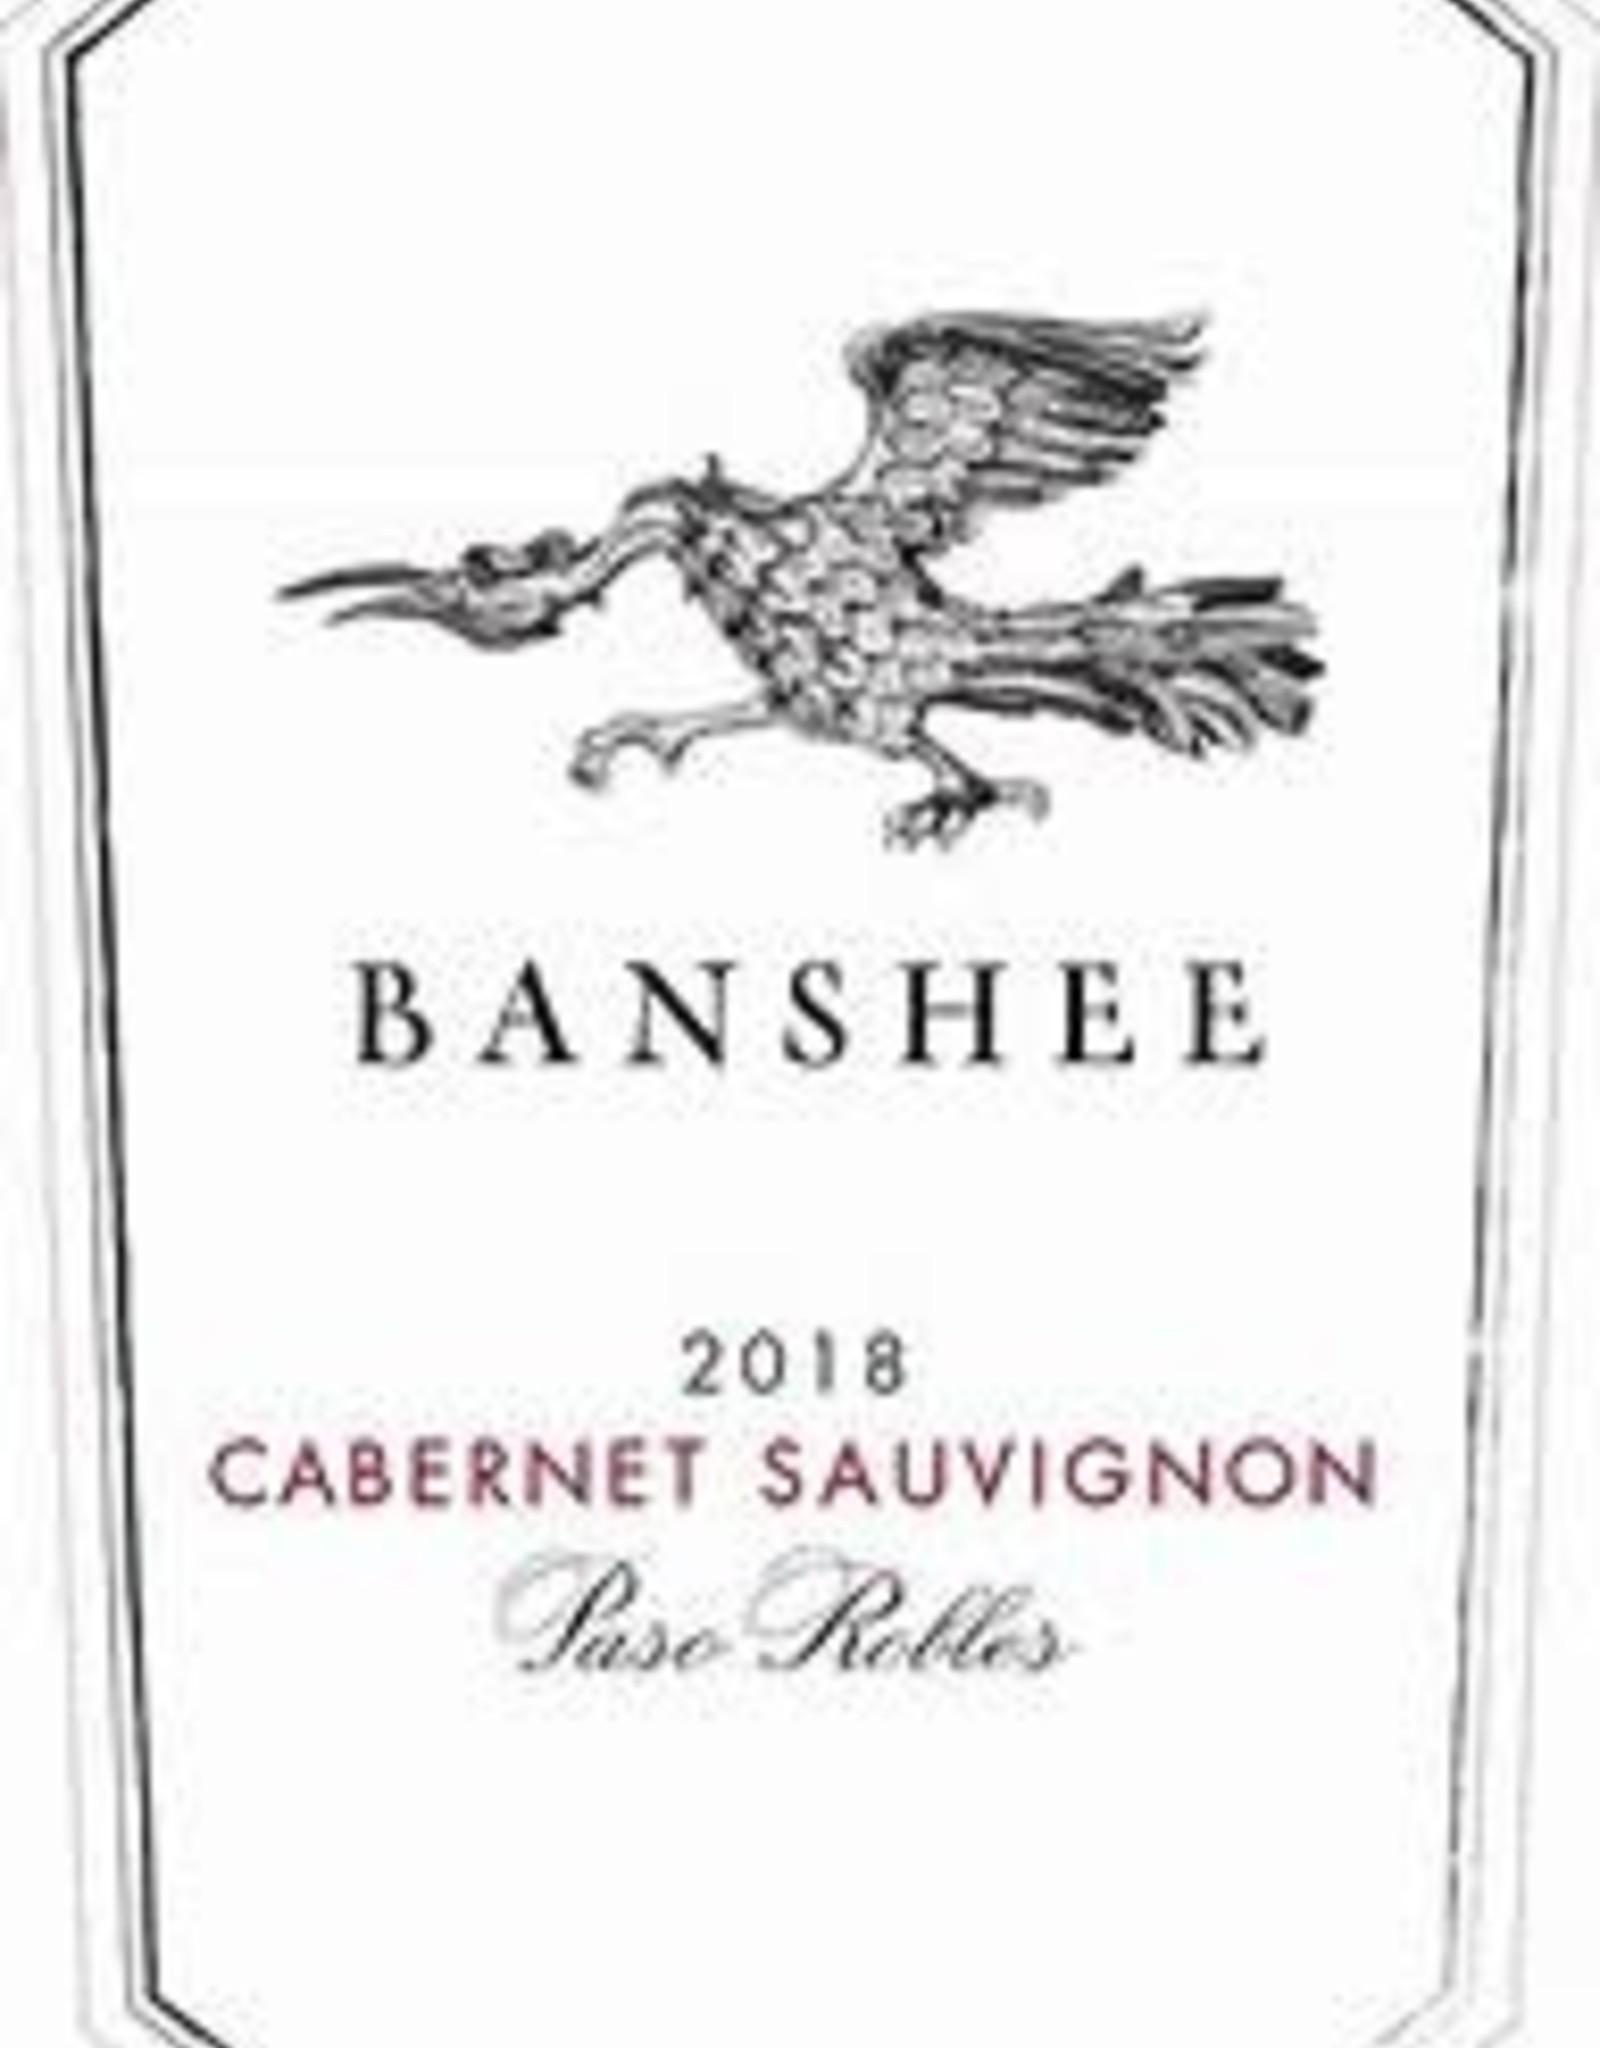 Cabernet Sauvignon, PASO ROBLES, Banshee 2018